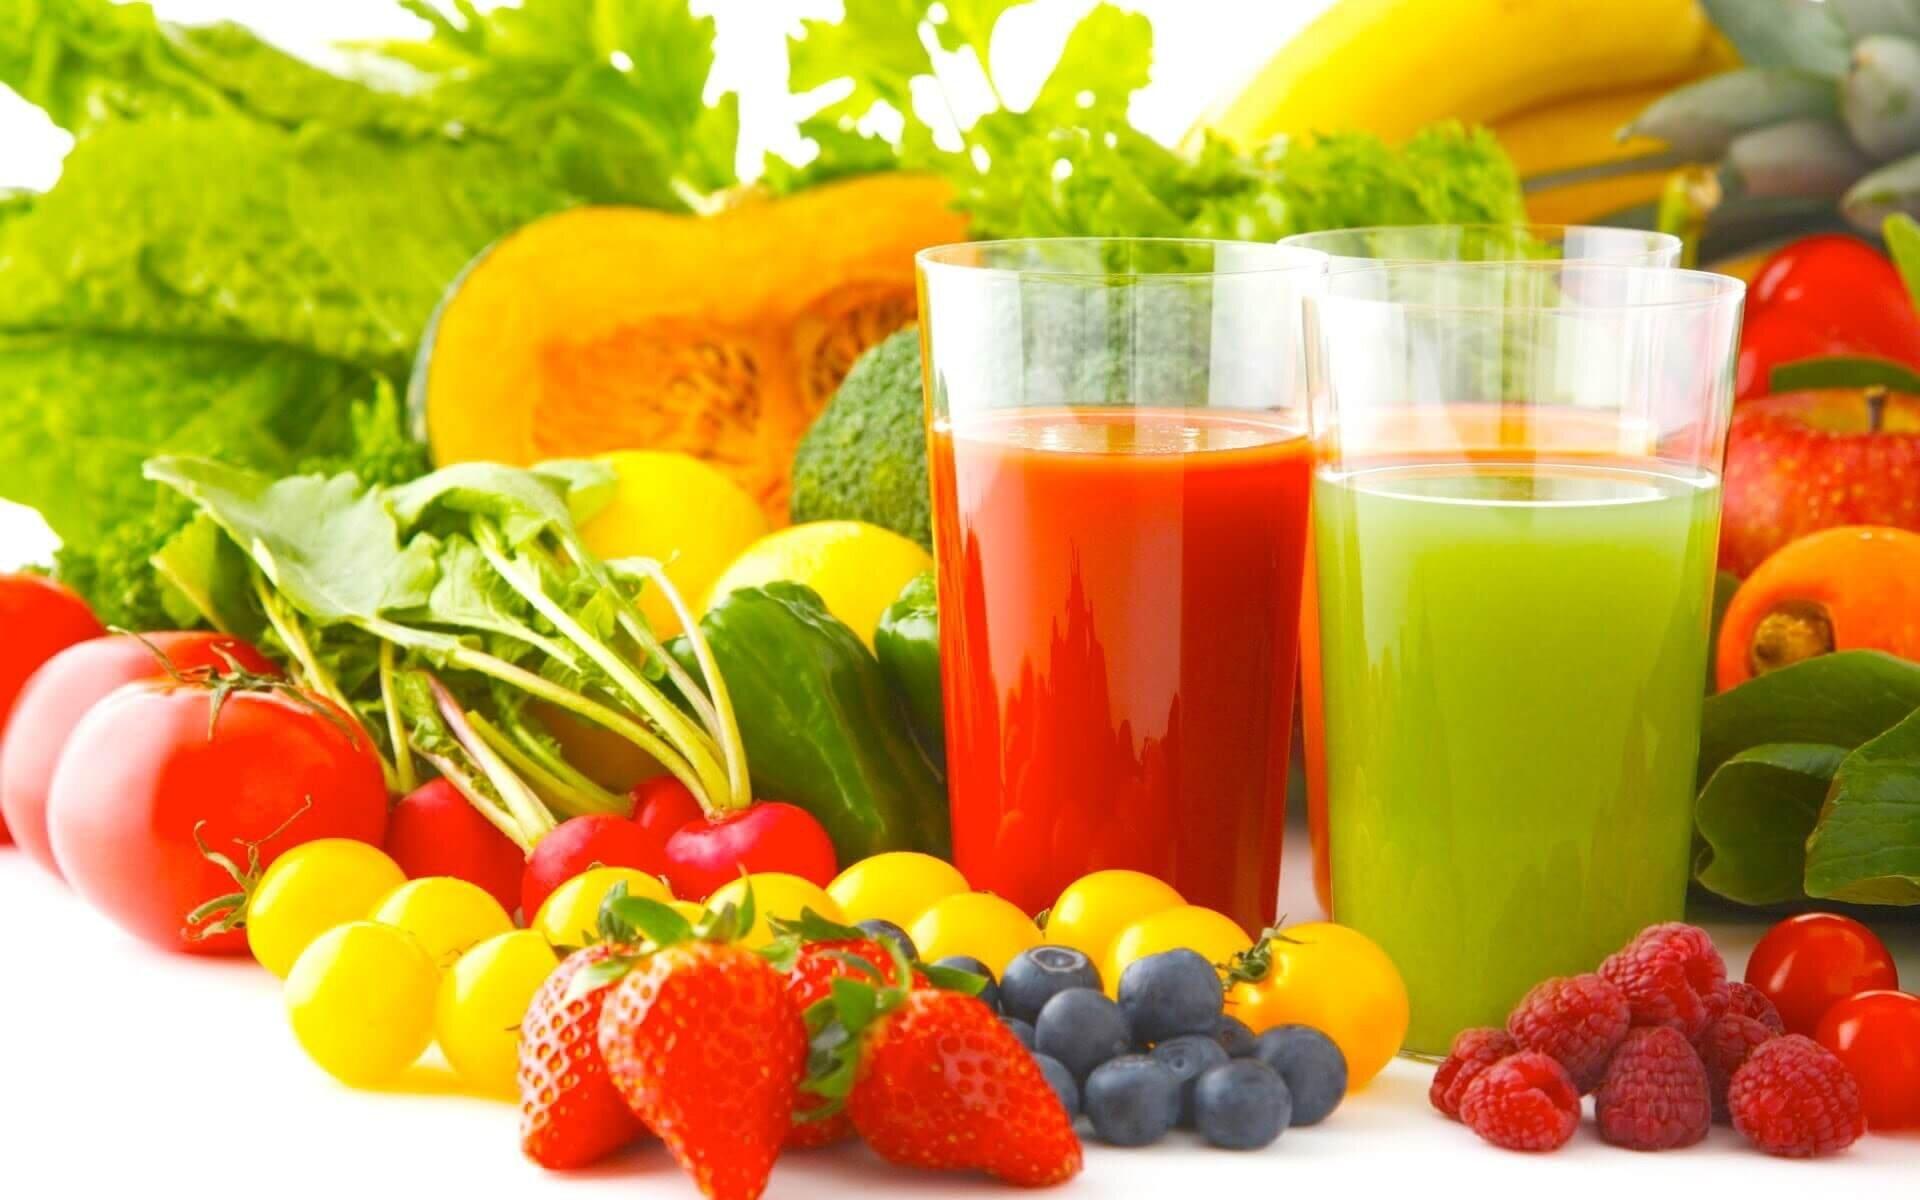 Bổ sung thêm hoa quả và rau củ để cung cấp vitamin và chất xơ cho bé